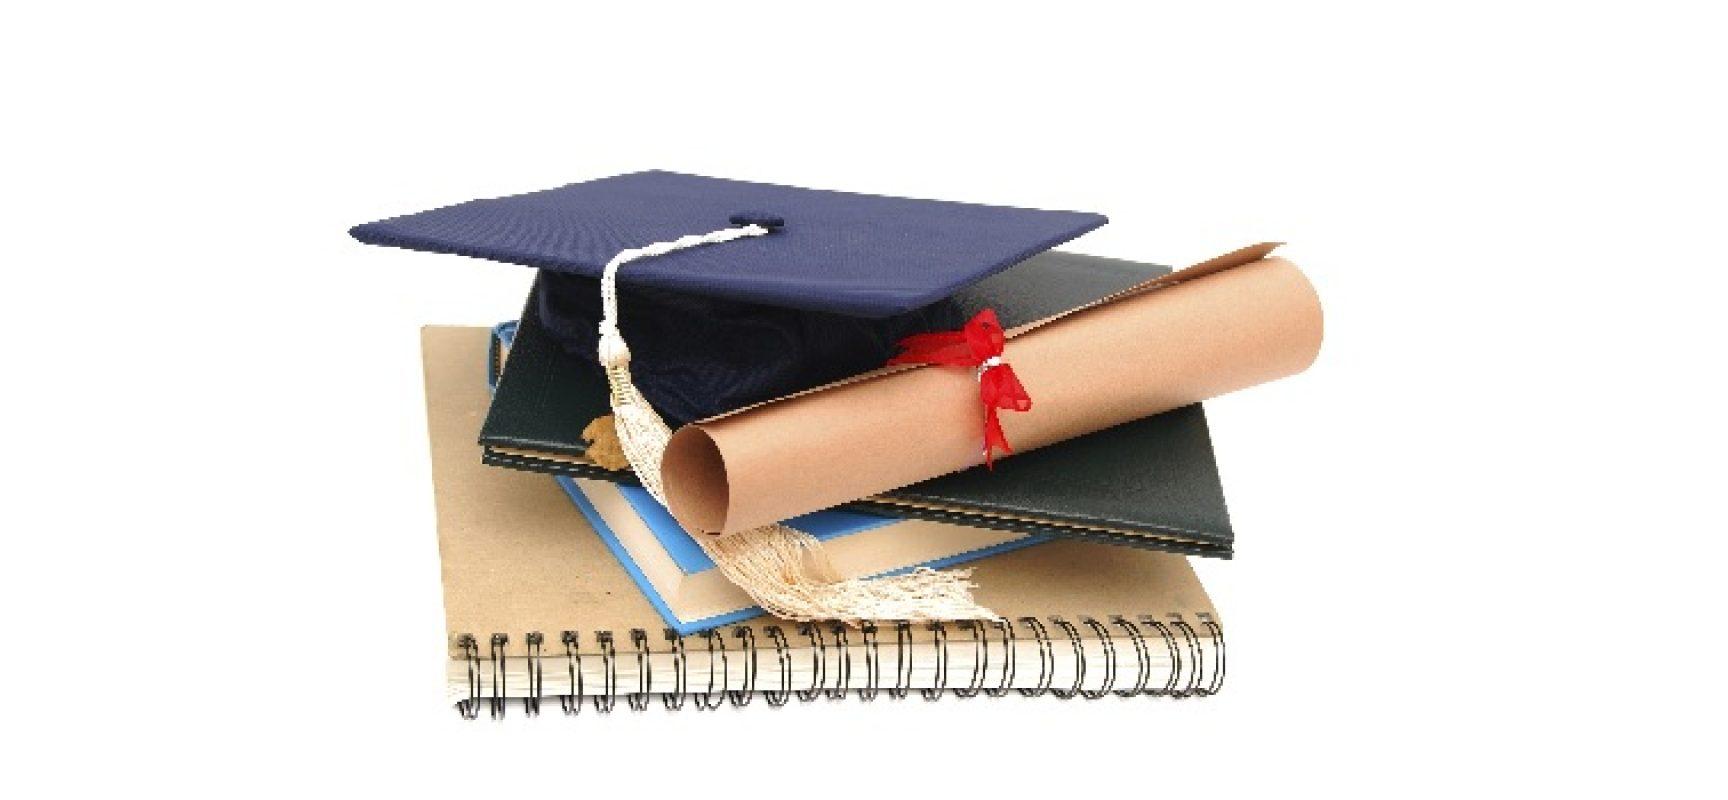 Regione Puglia ha emanato avviso per borse di studio 2018/2019